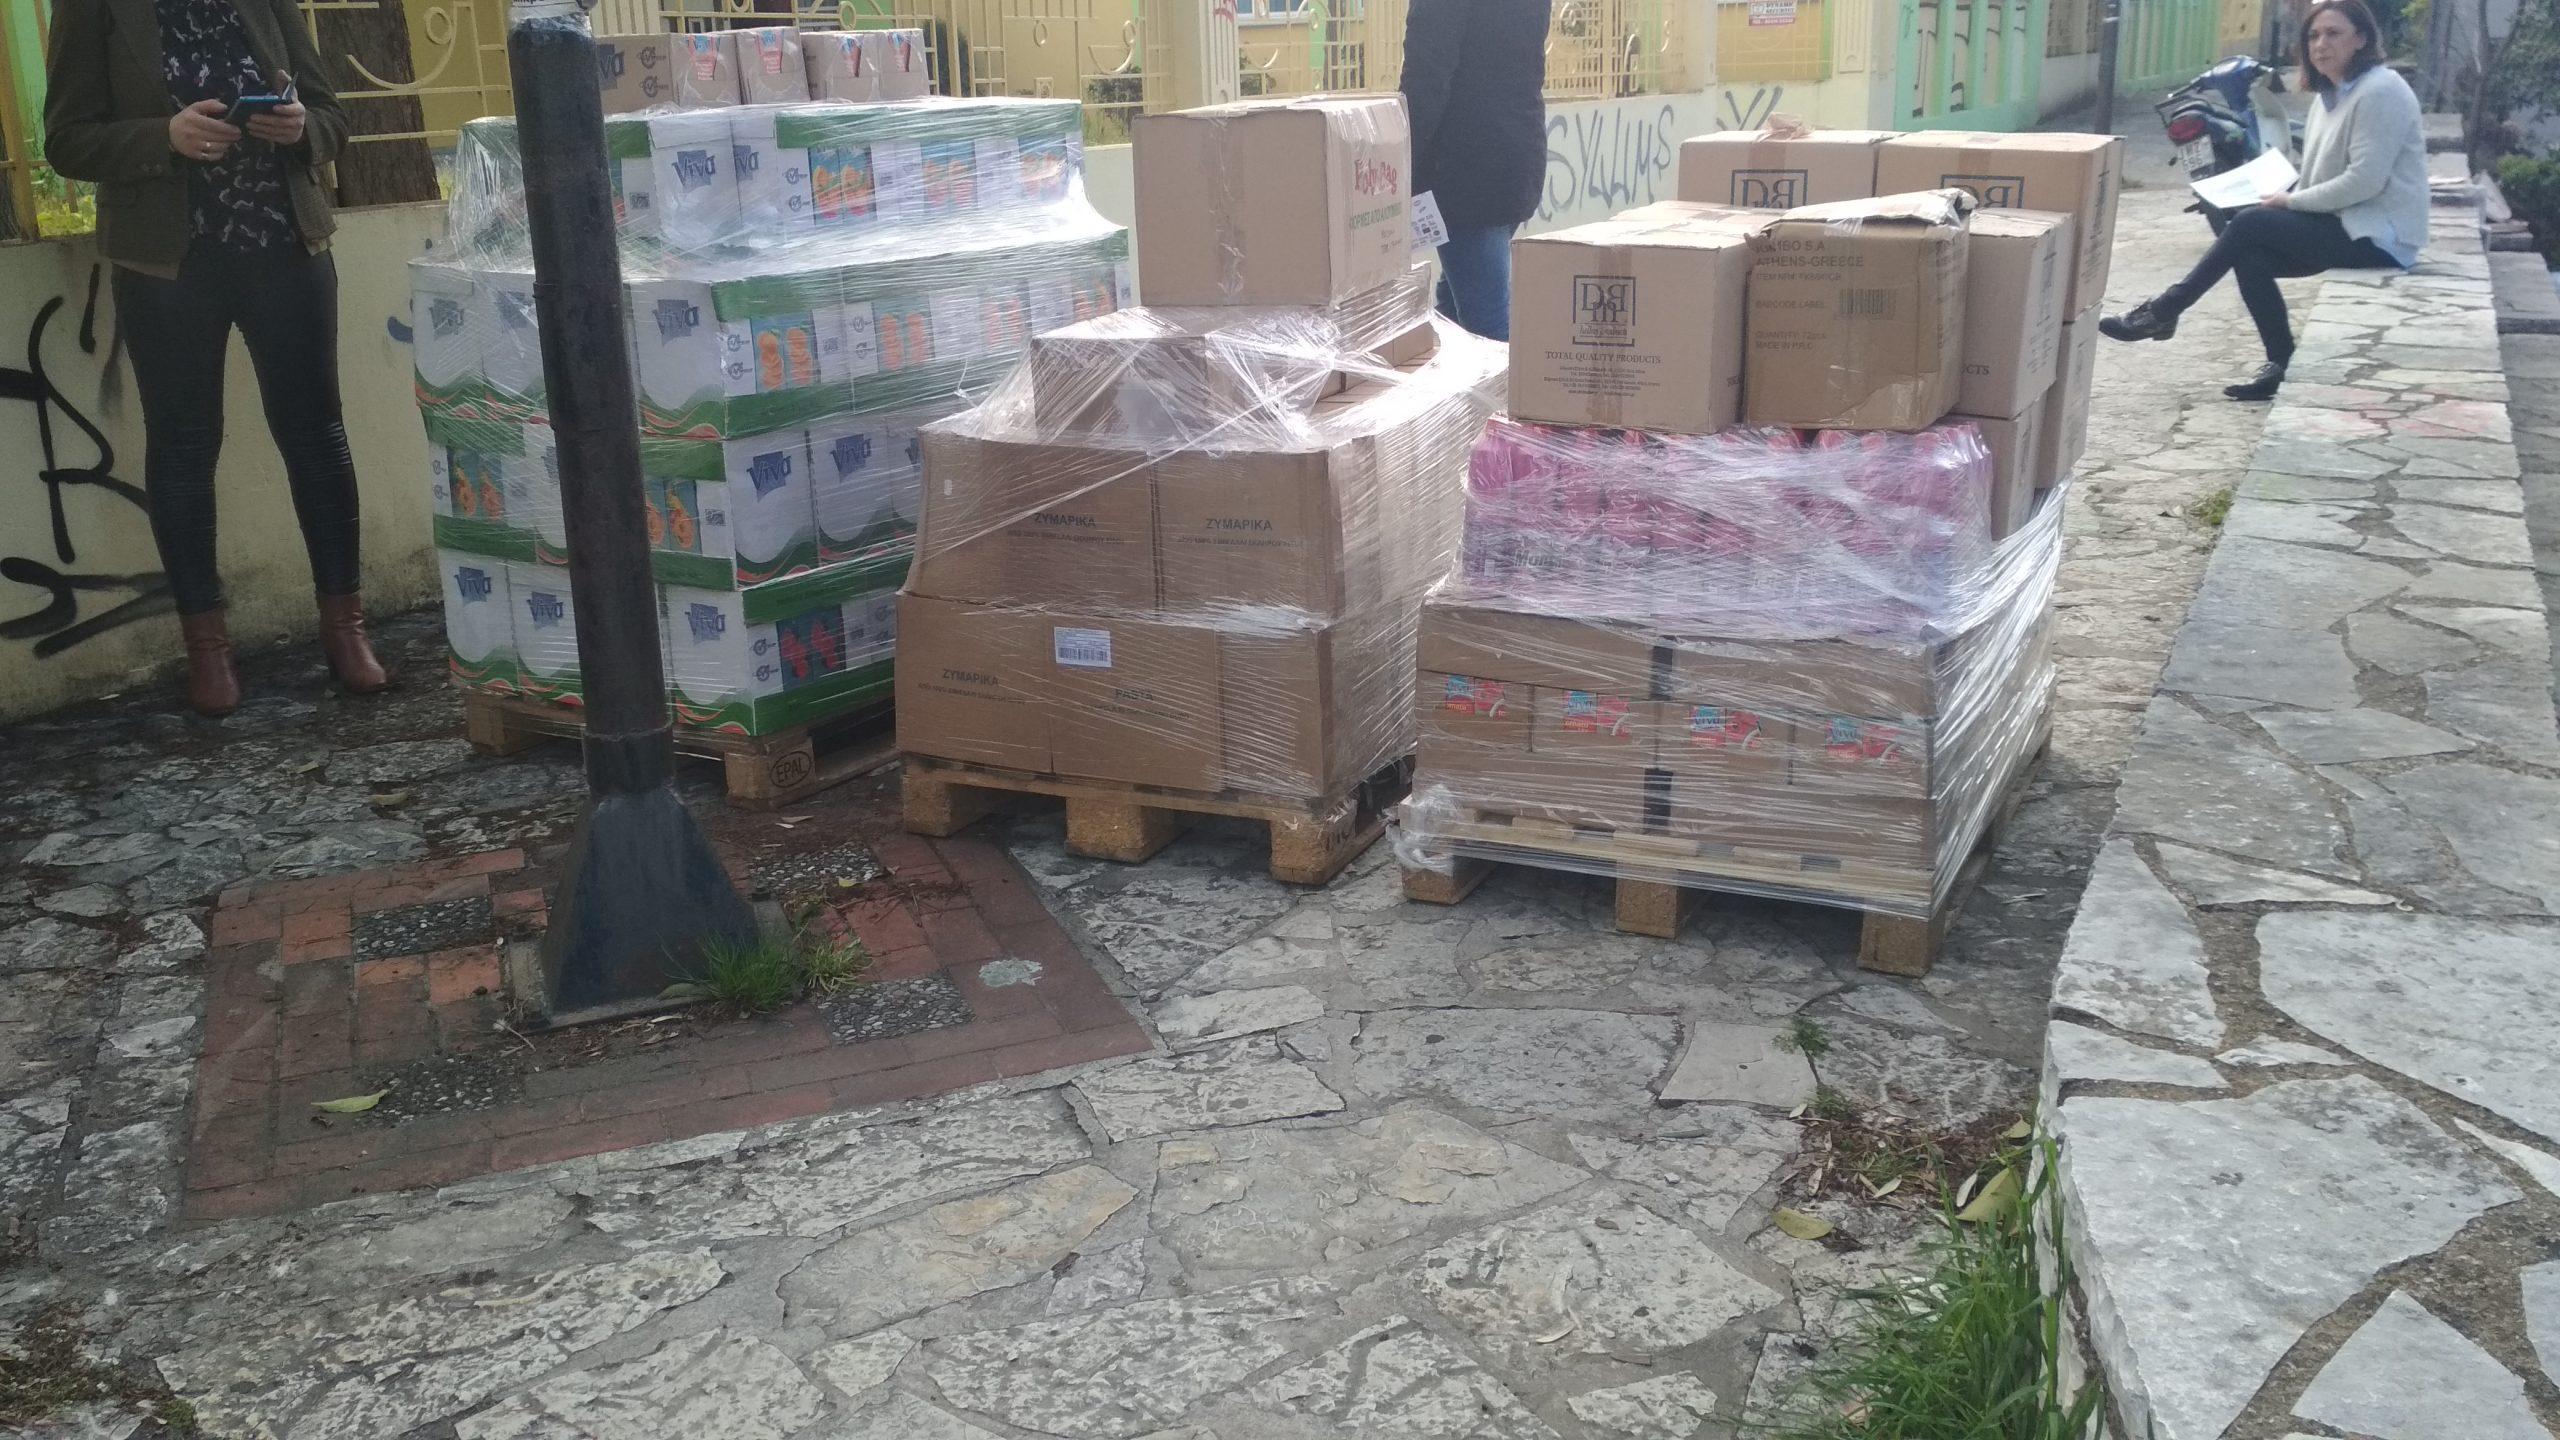 Δήμος Αγρινίου: Ενισχύεται με προσφορές από τοπικούς επιχειρηματίες η ΚΟΙΠΑ (φωτο)